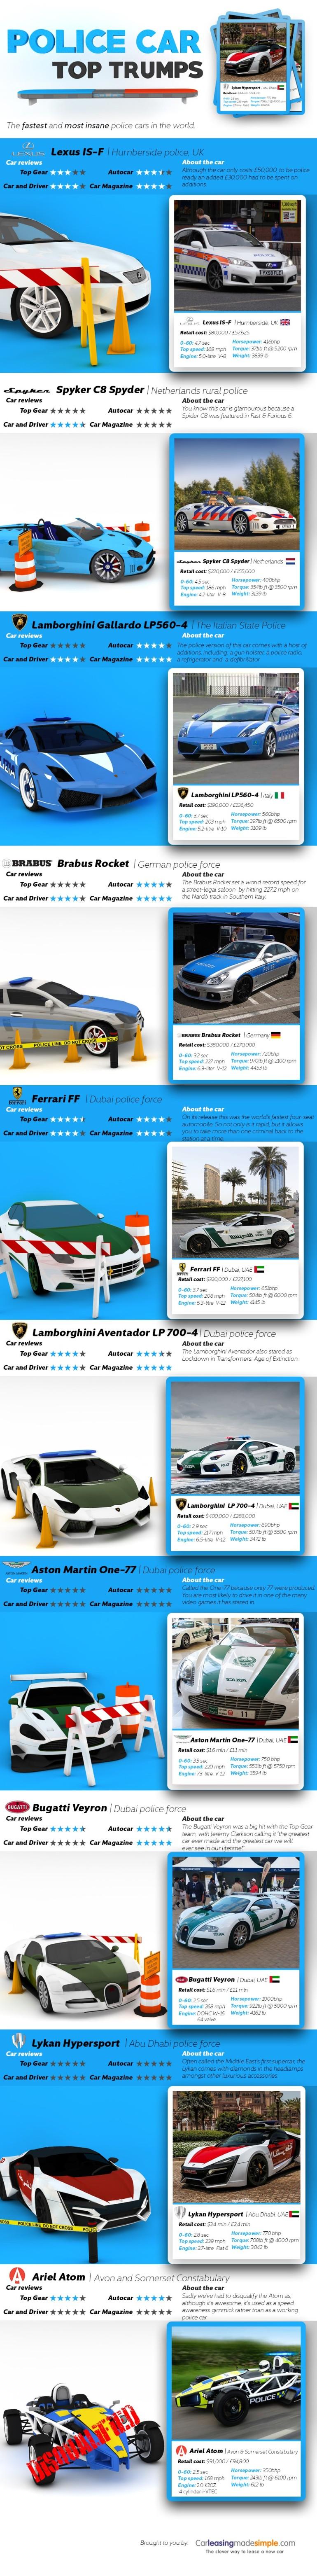 police-car-top-trumps